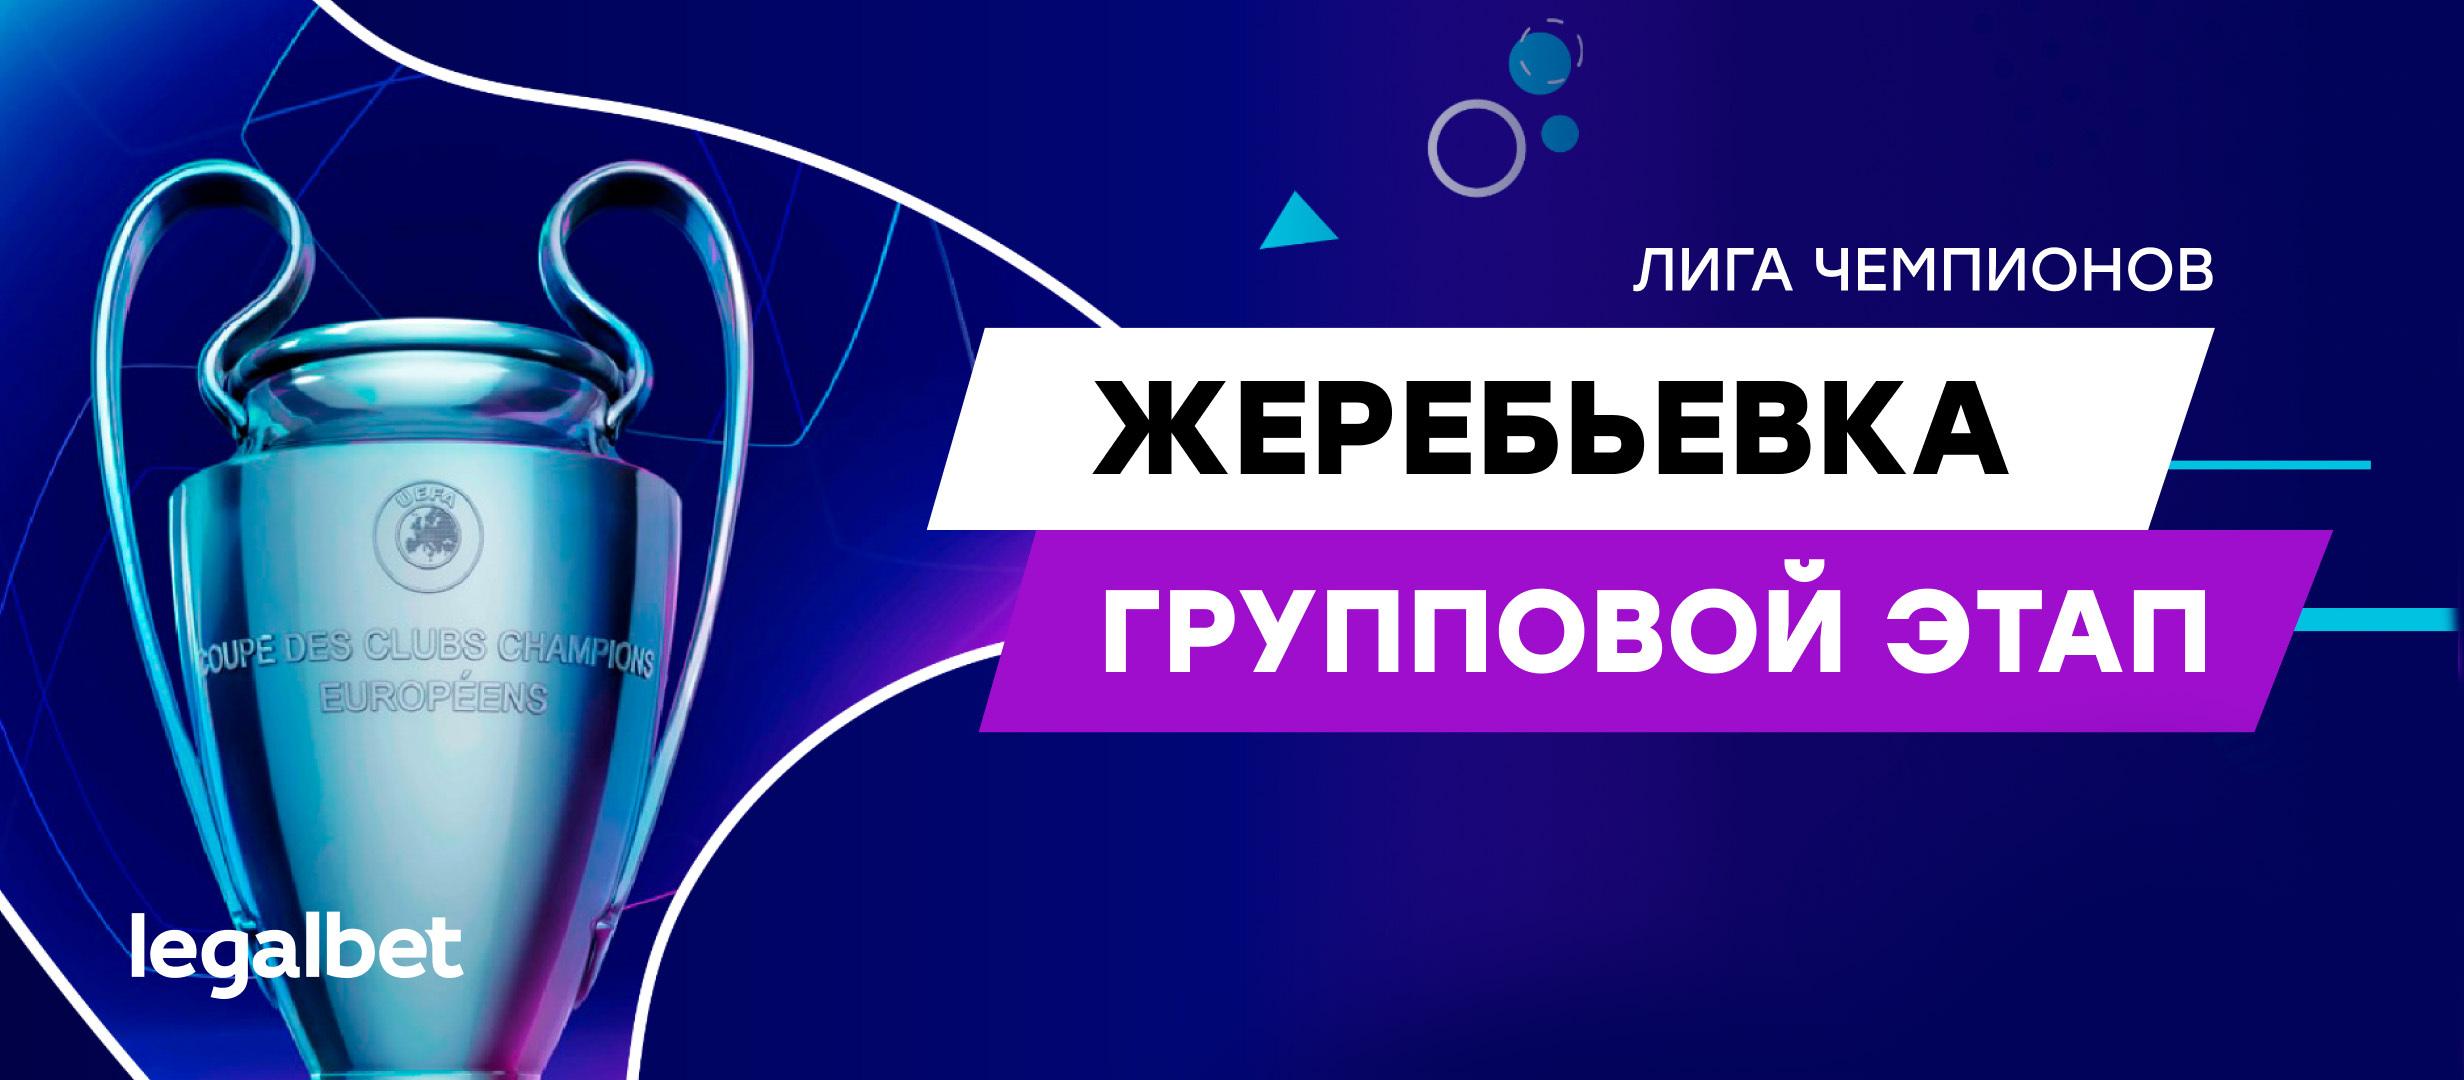 Итоги жеребьёвки Лиги чемпионов-2021/22: «Зенит» сыграет с лучшим клубом Европы